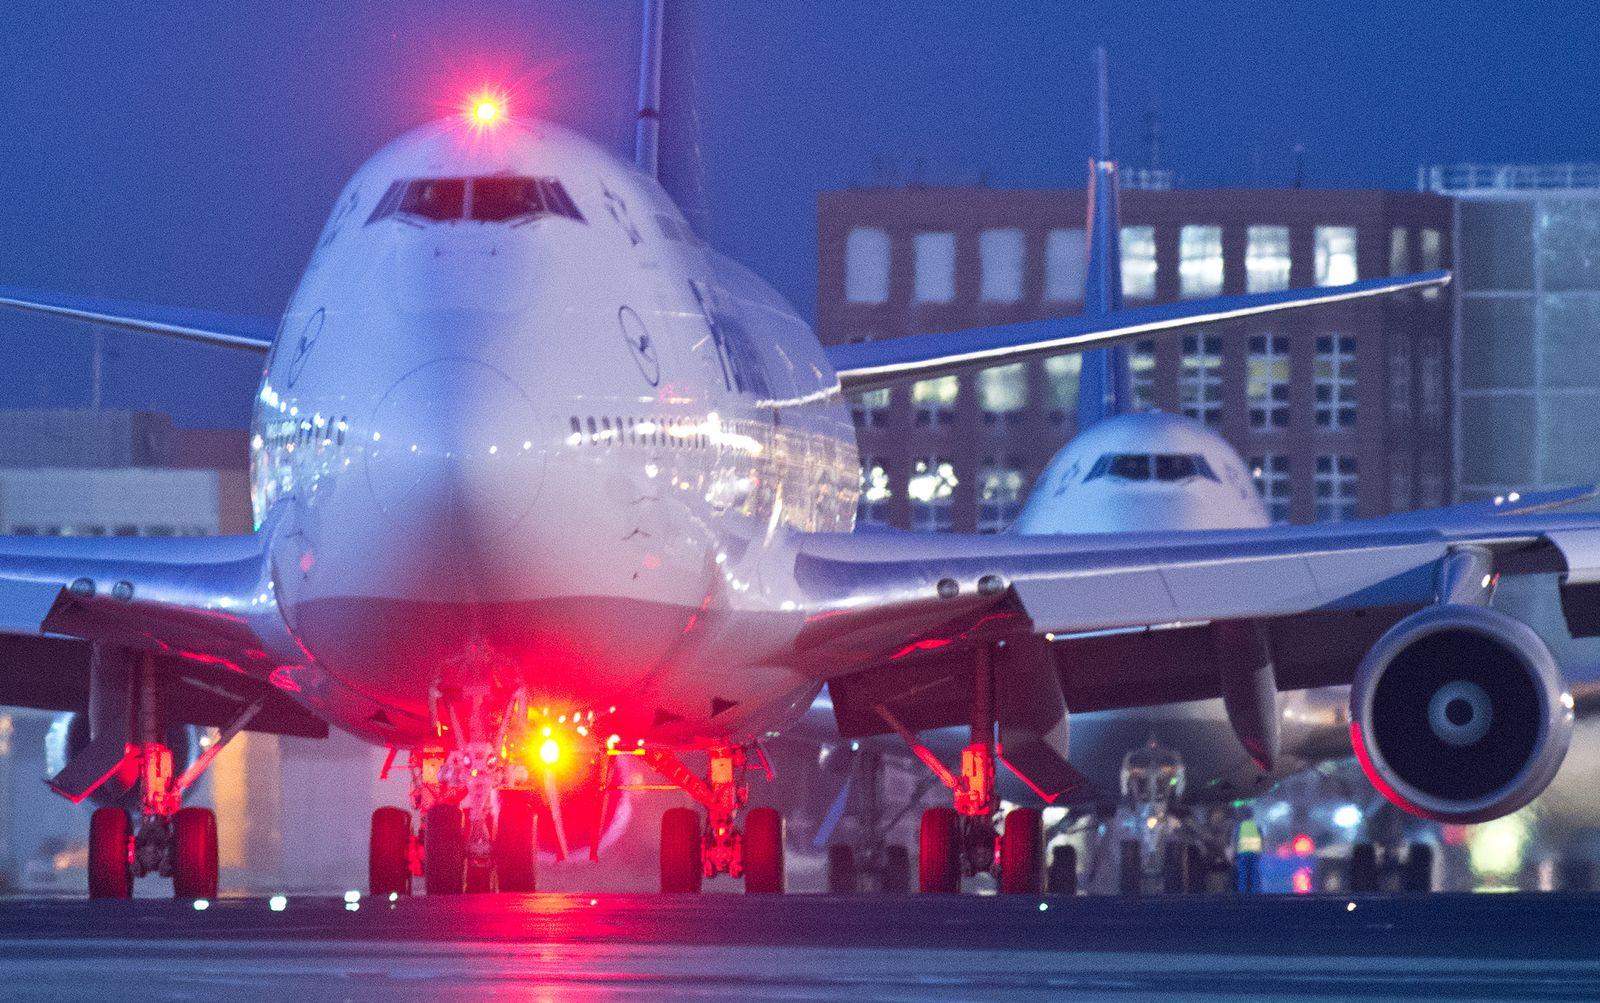 Nachteinsatz auf dem Flughafen